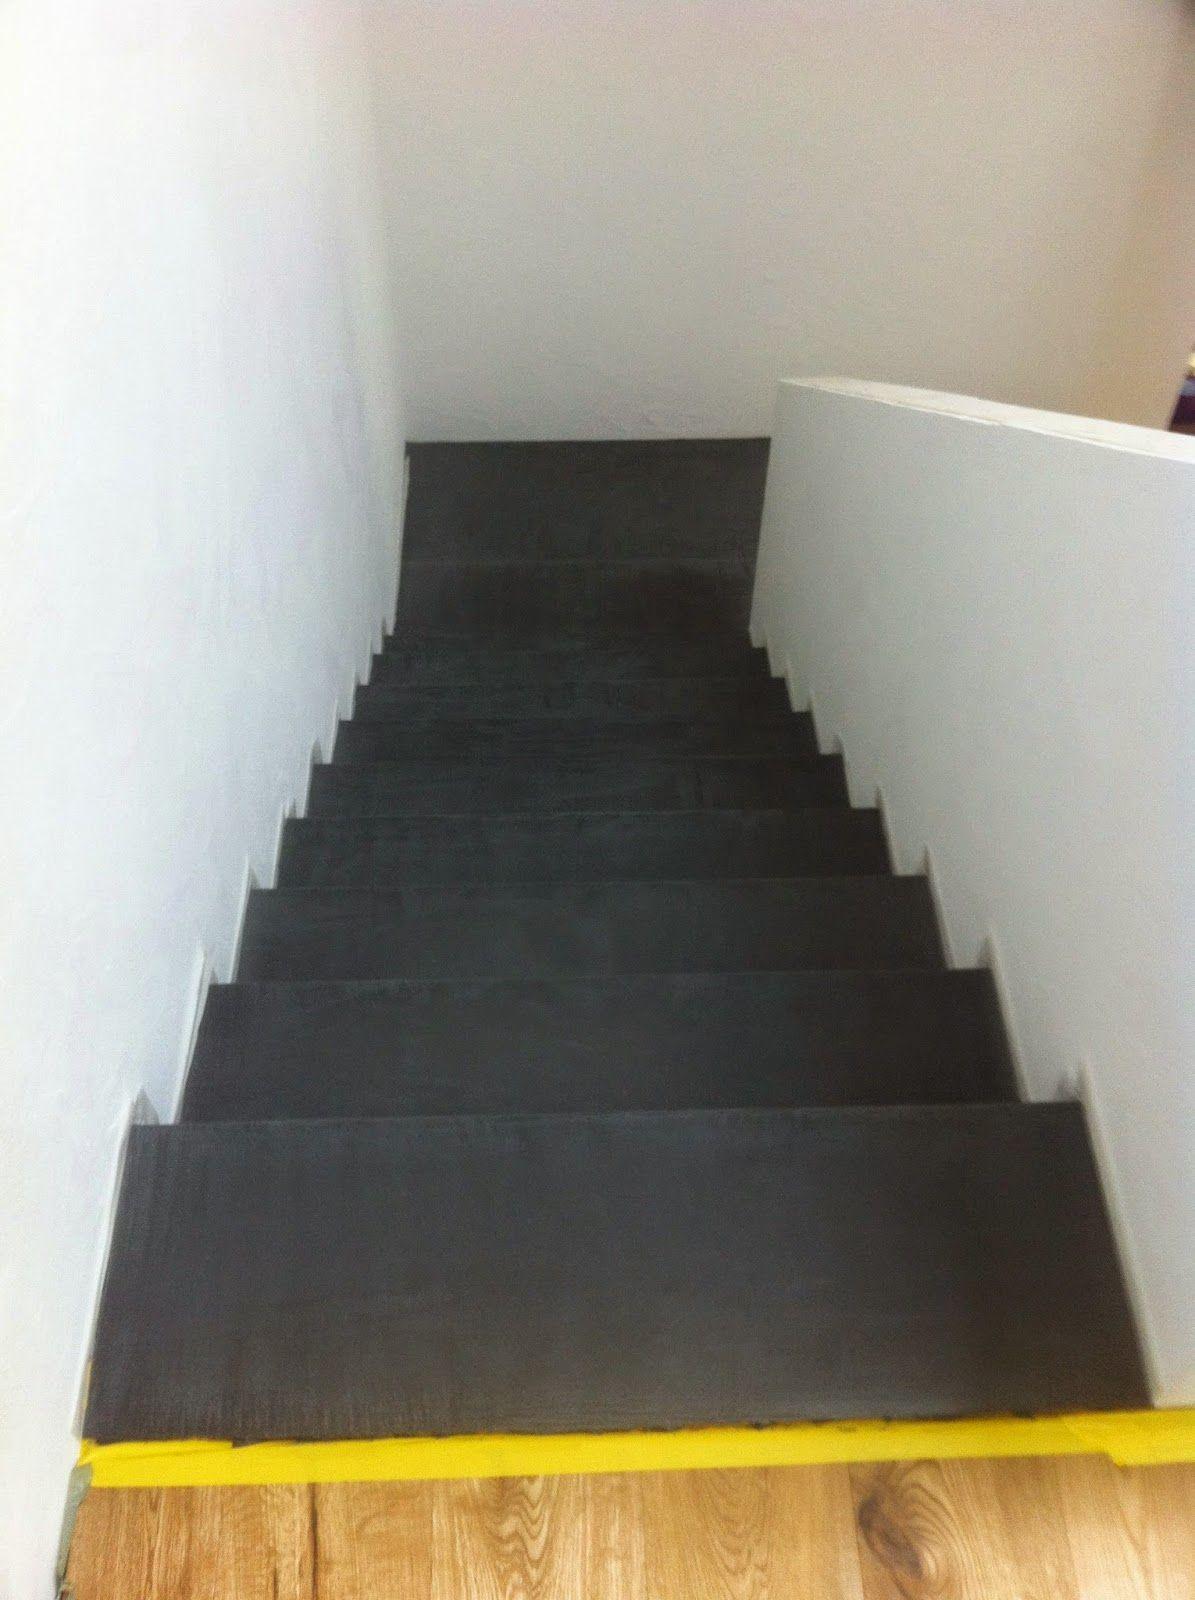 Beton Cire Treppe wieder schöne bilder einer selbst beschichteten treppe mit beton